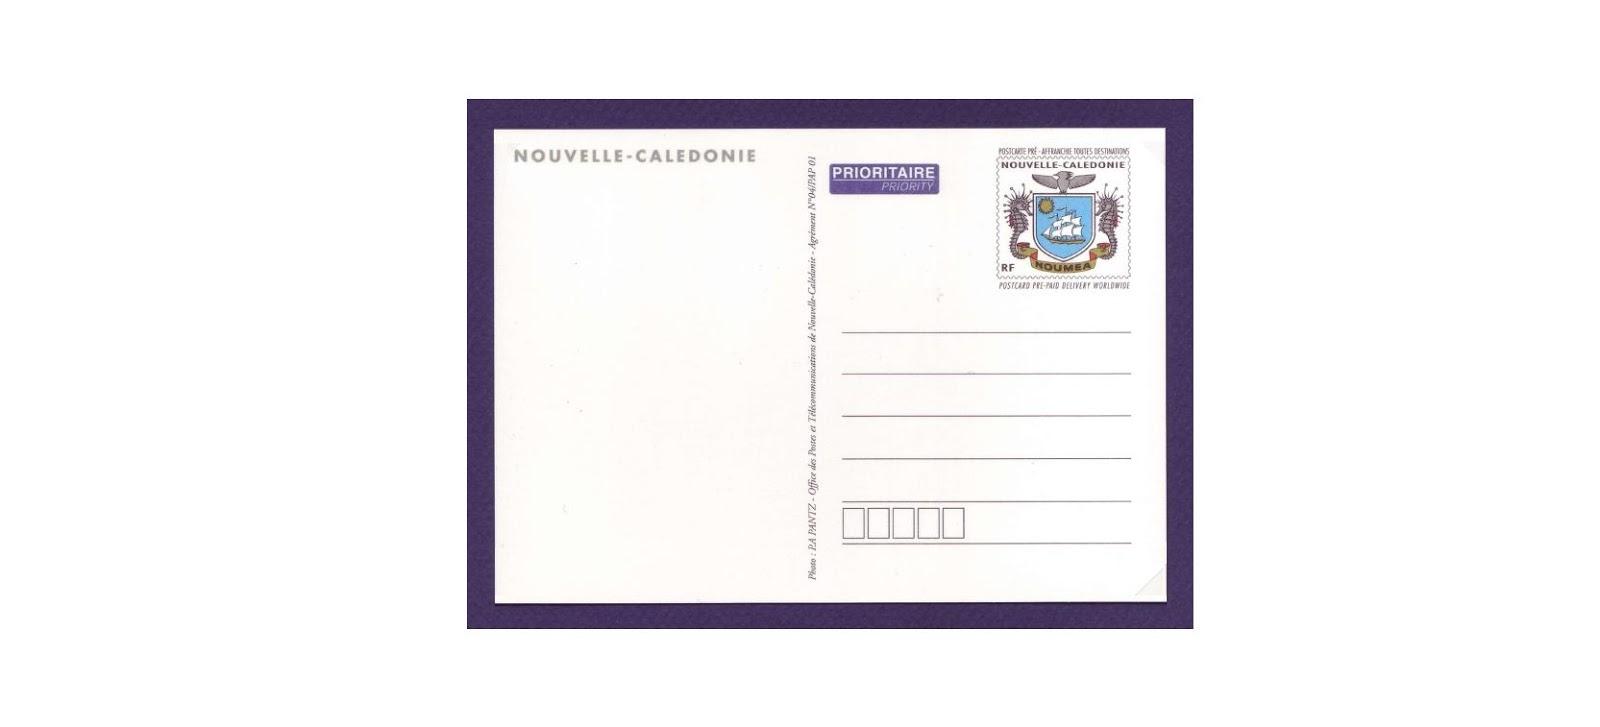 Pharot liste nouvelle cal donie am d e - Office des postes et telecommunications de nouvelle caledonie ...